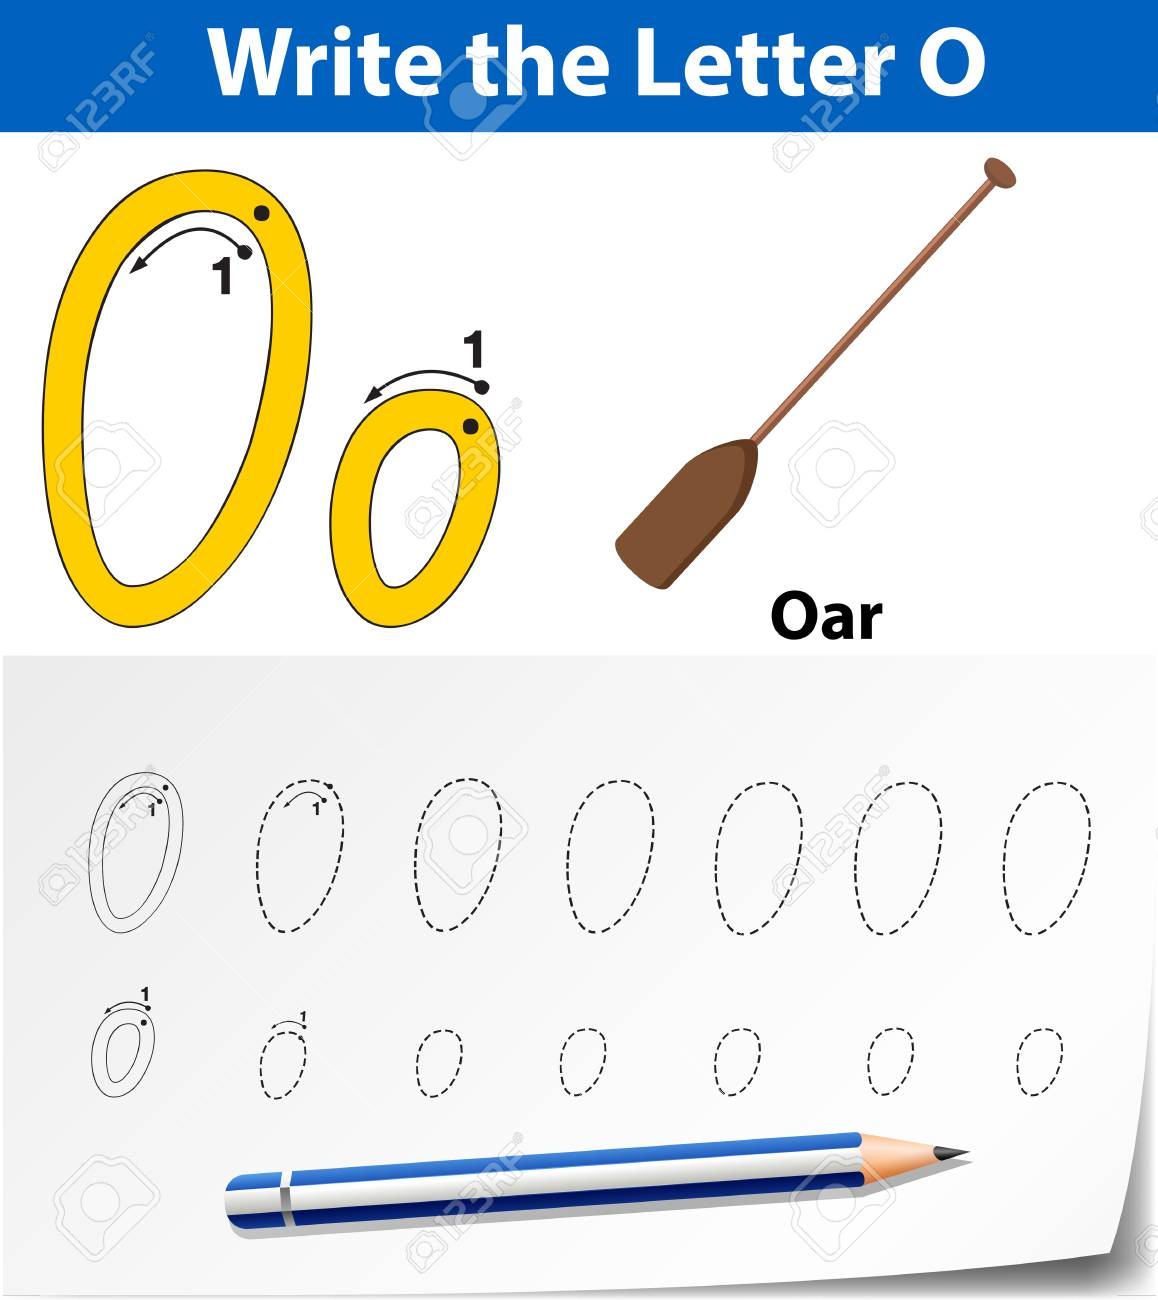 Letter O Tracing Alphabet Worksheets Illustration throughout Letter 0 Worksheets